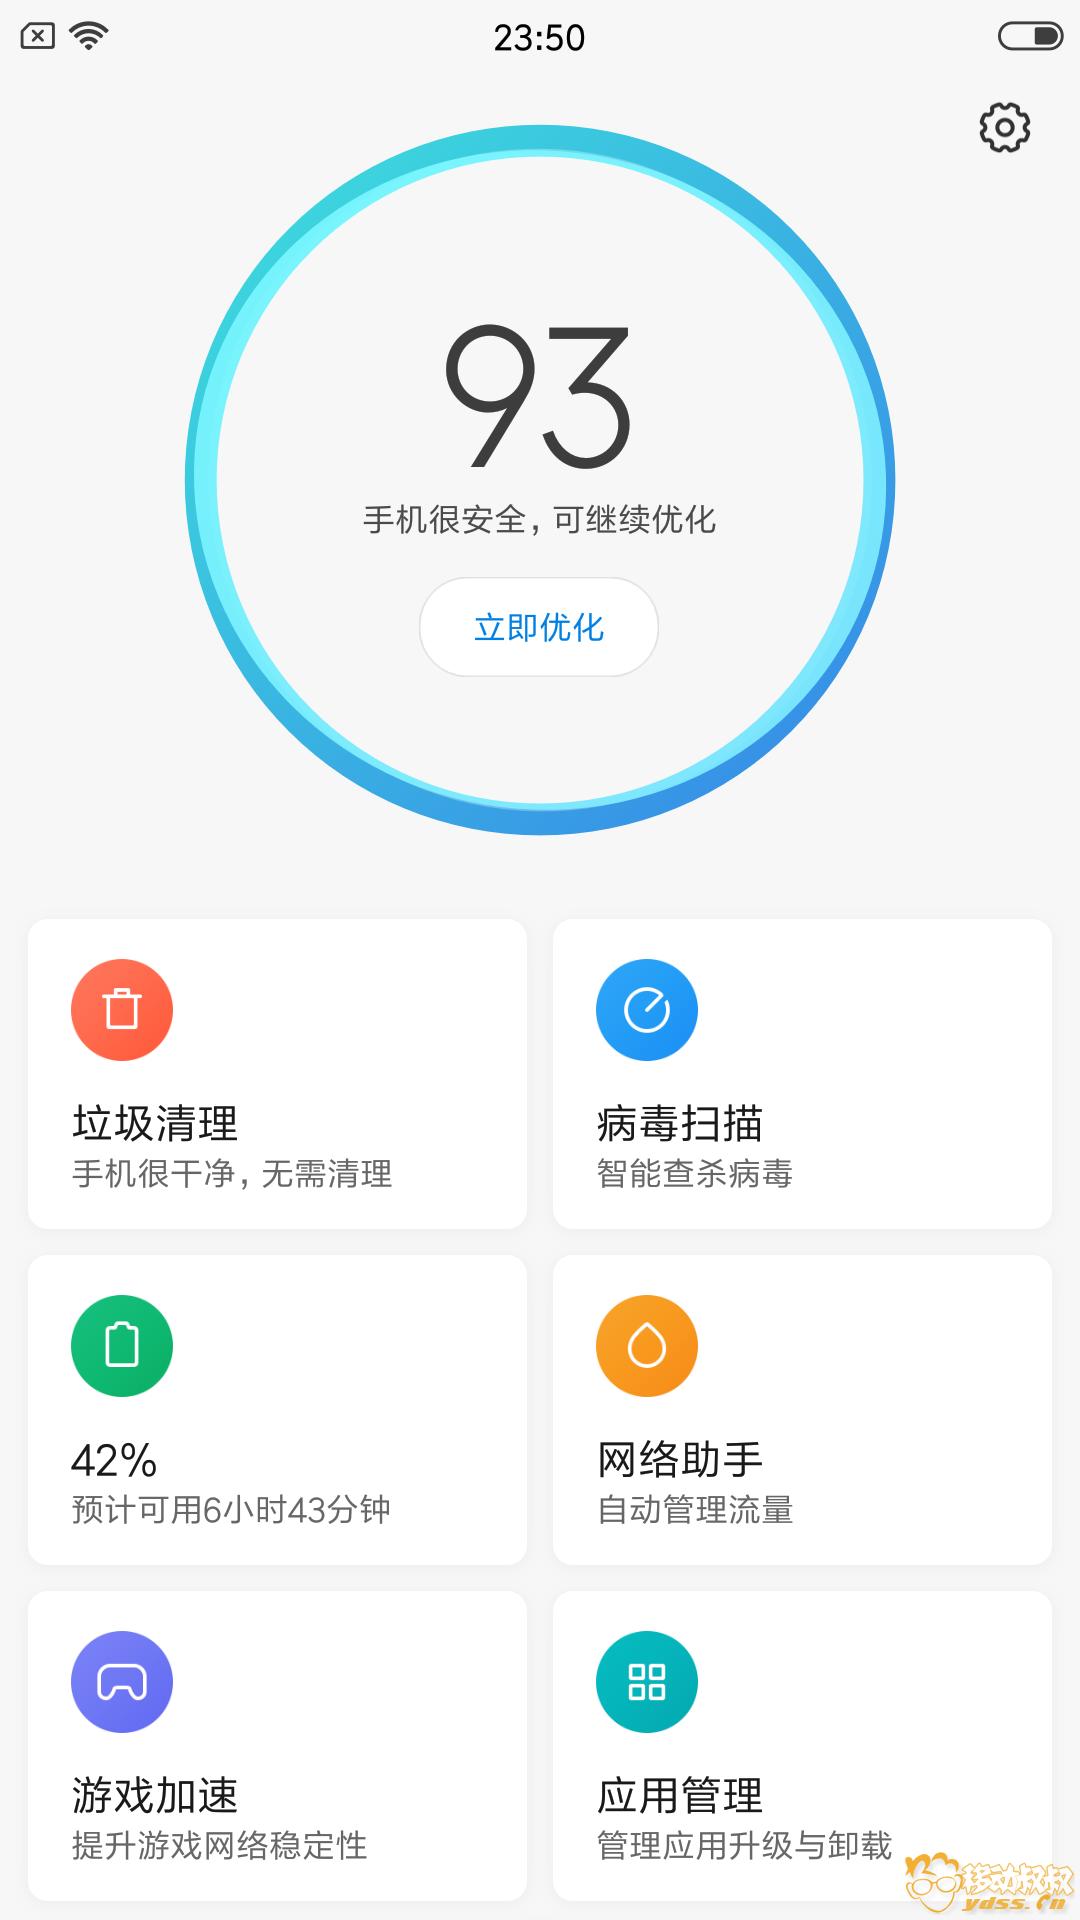 Screenshot_2018-09-09-23-50-48-739_com.miui.securitycenter.png